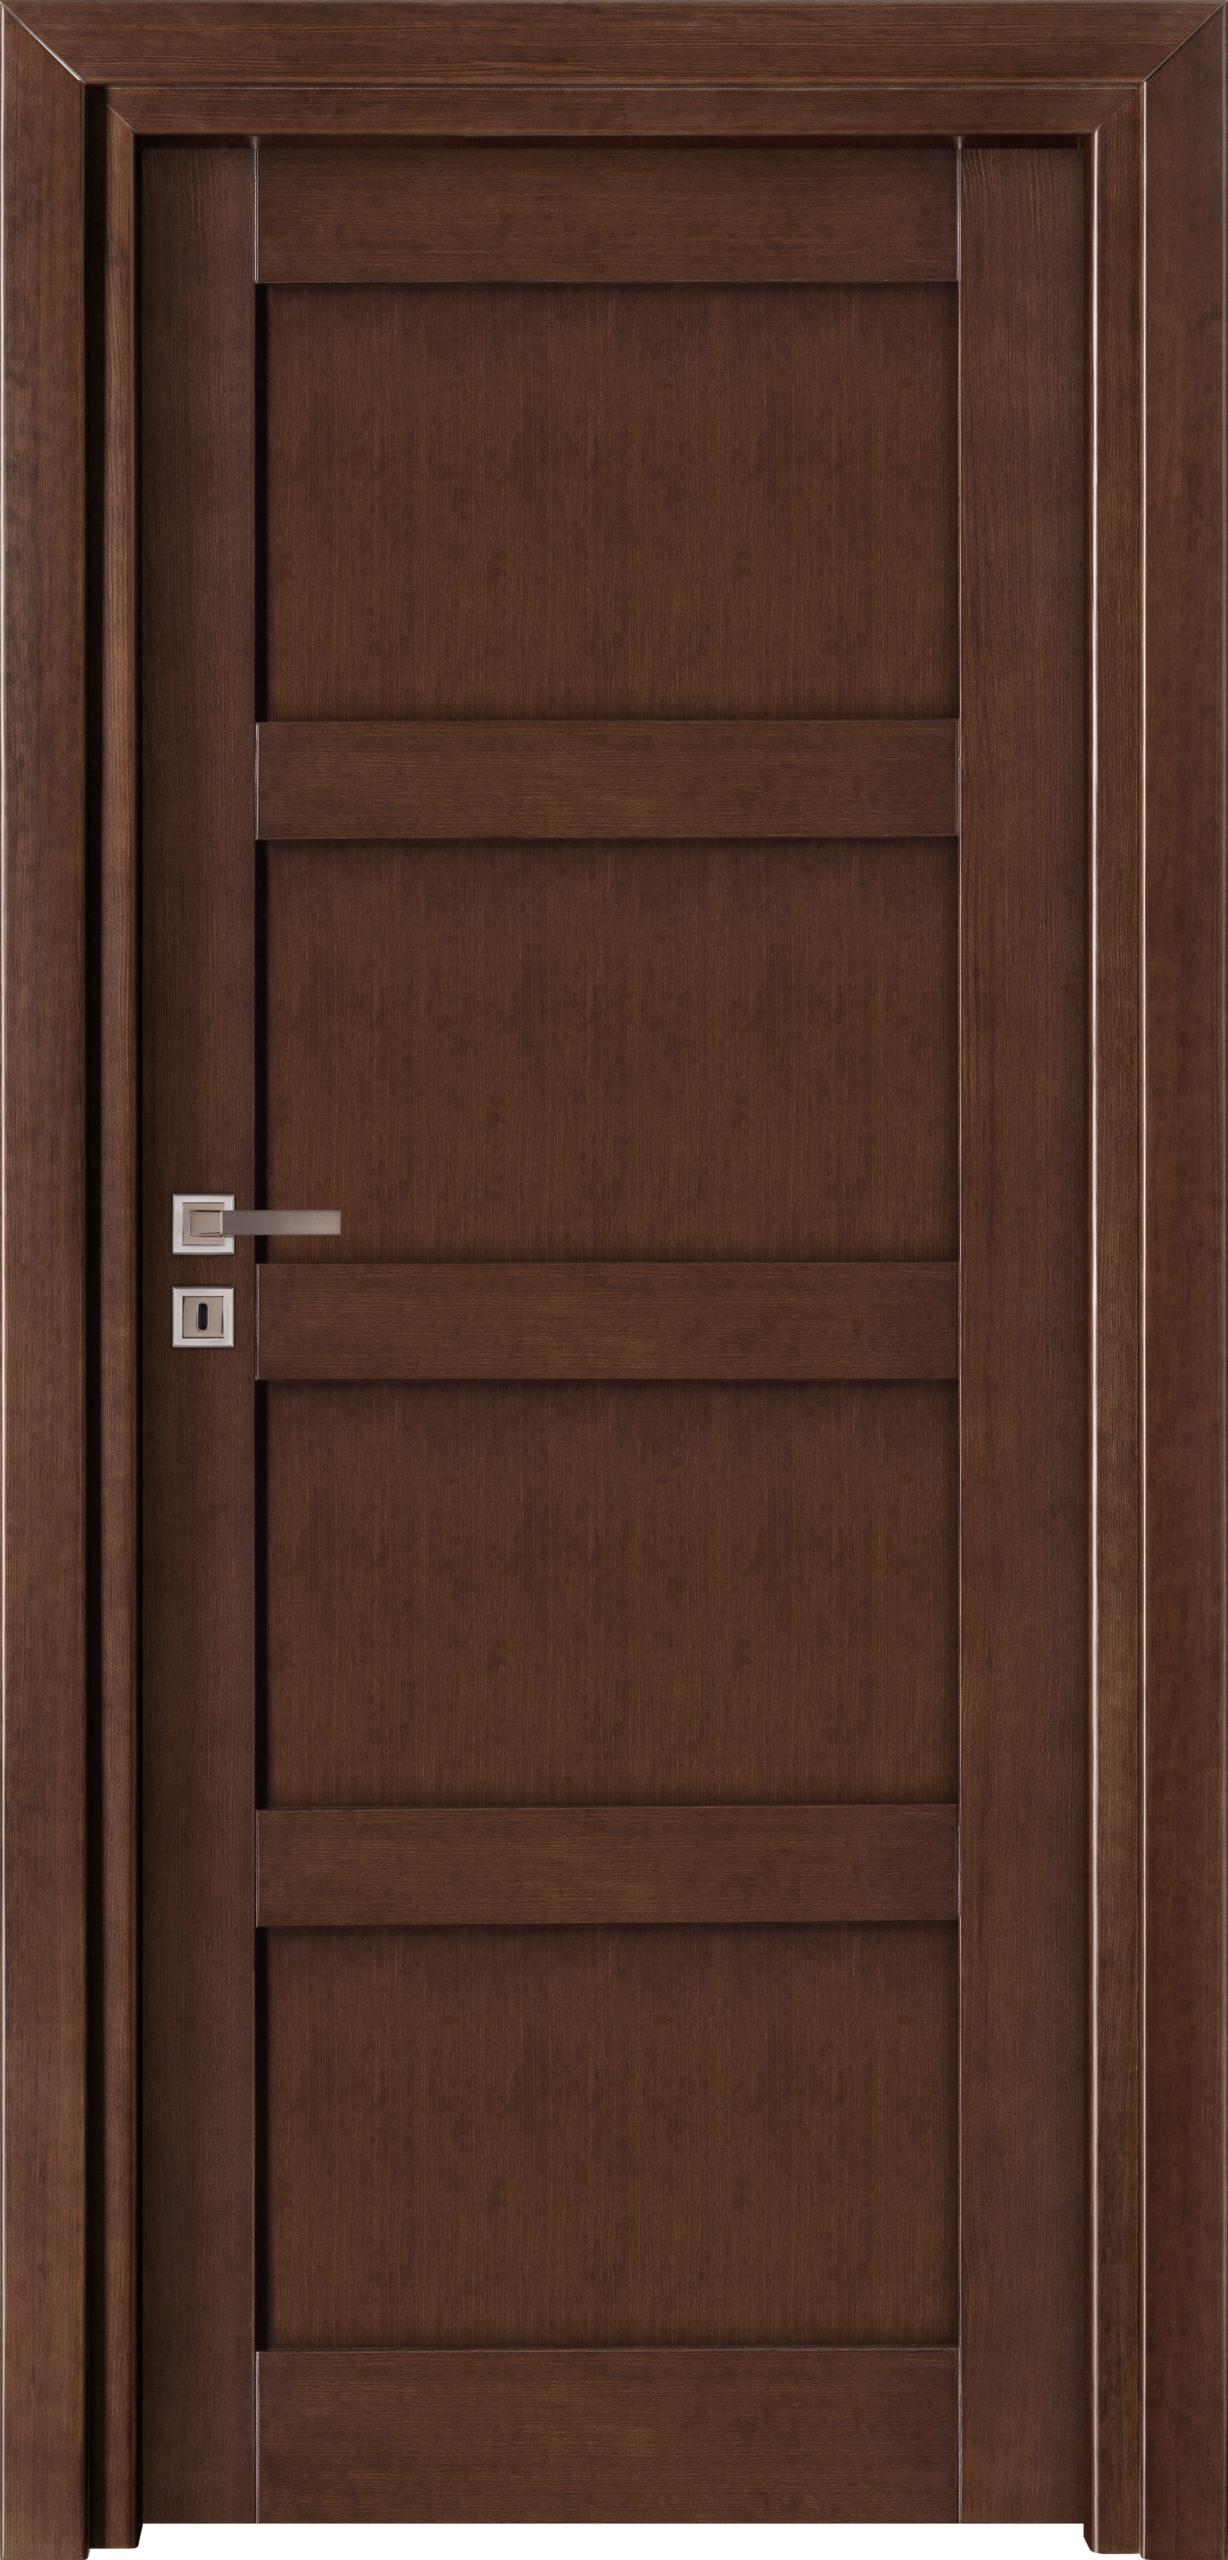 Manhattan A12 - jesion - jasny orzech - szklenie lacomat bezpieczny - ościeżnica przylgowa regulowana drewniana prosta (IIa)